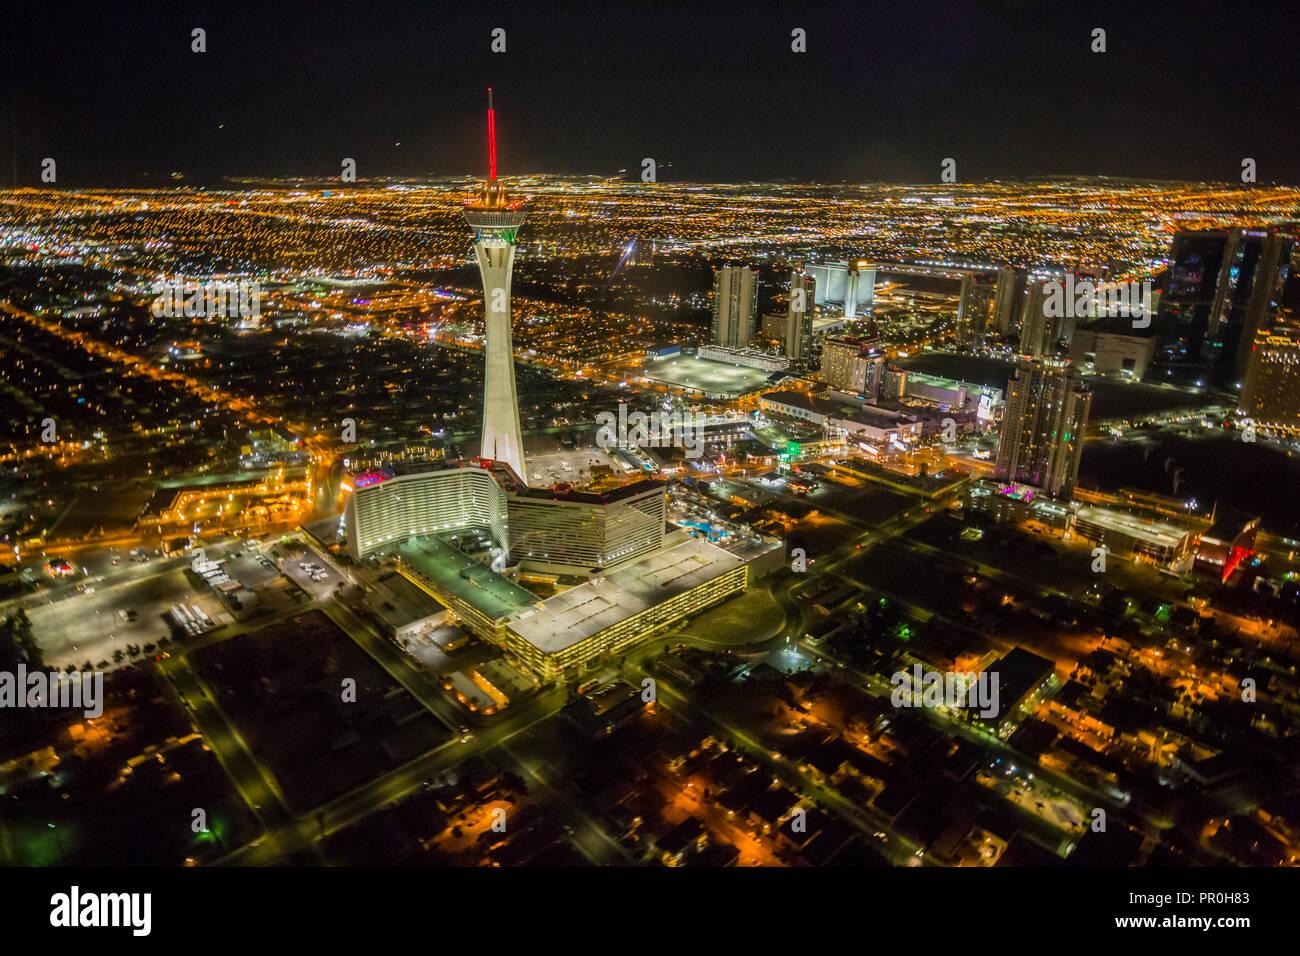 Vue sur Las Vegas et la stratosphère Tower à partir d'hélicoptères de la nuit, Las Vegas, Nevada, États-Unis d'Amérique, Amérique du Nord Banque D'Images